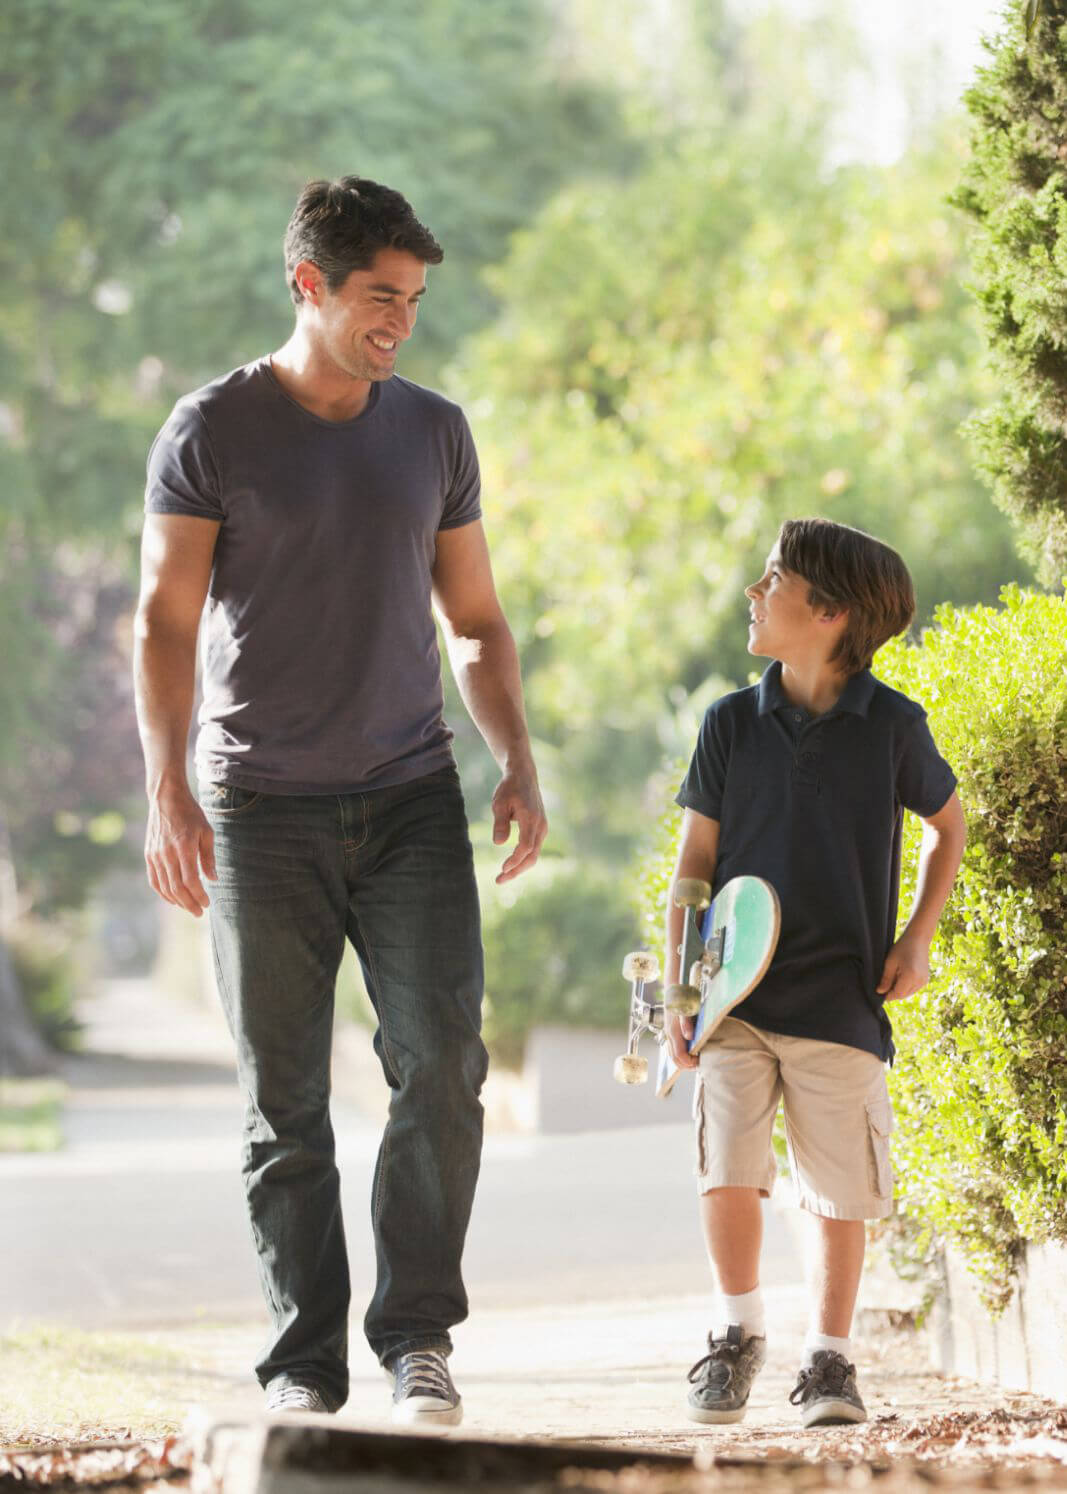 co parenting agreement co parenting plans 4